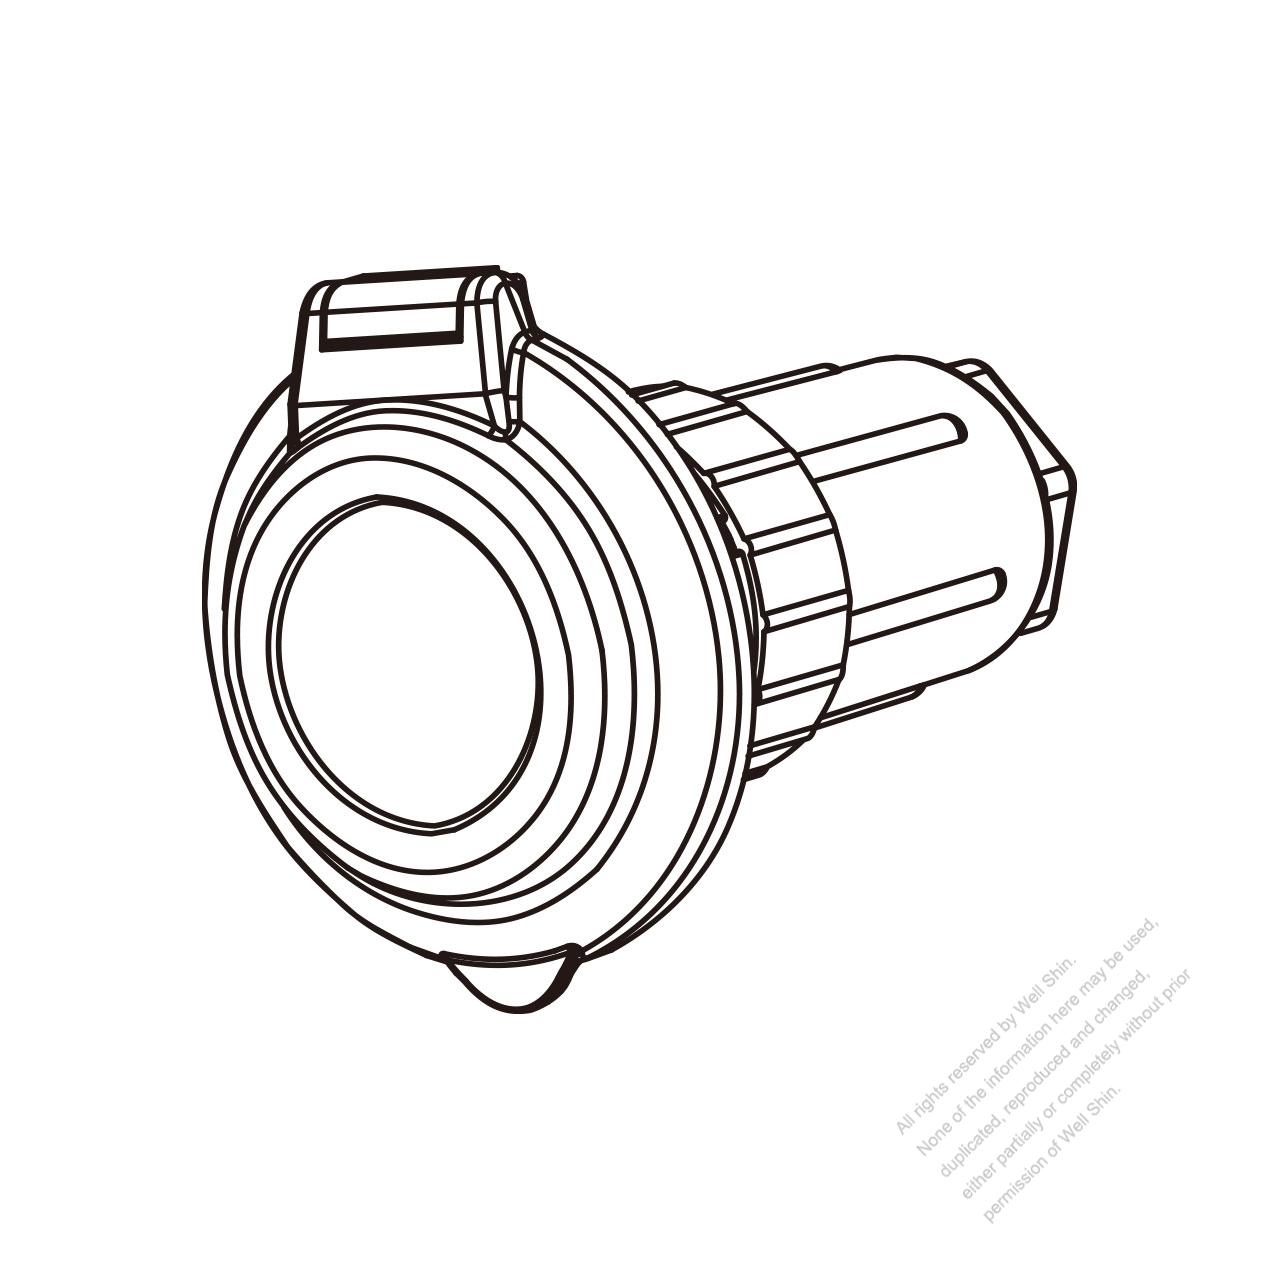 Tw Marine Grade Twist Locking Inlet Nema Ss2 50p Contoured